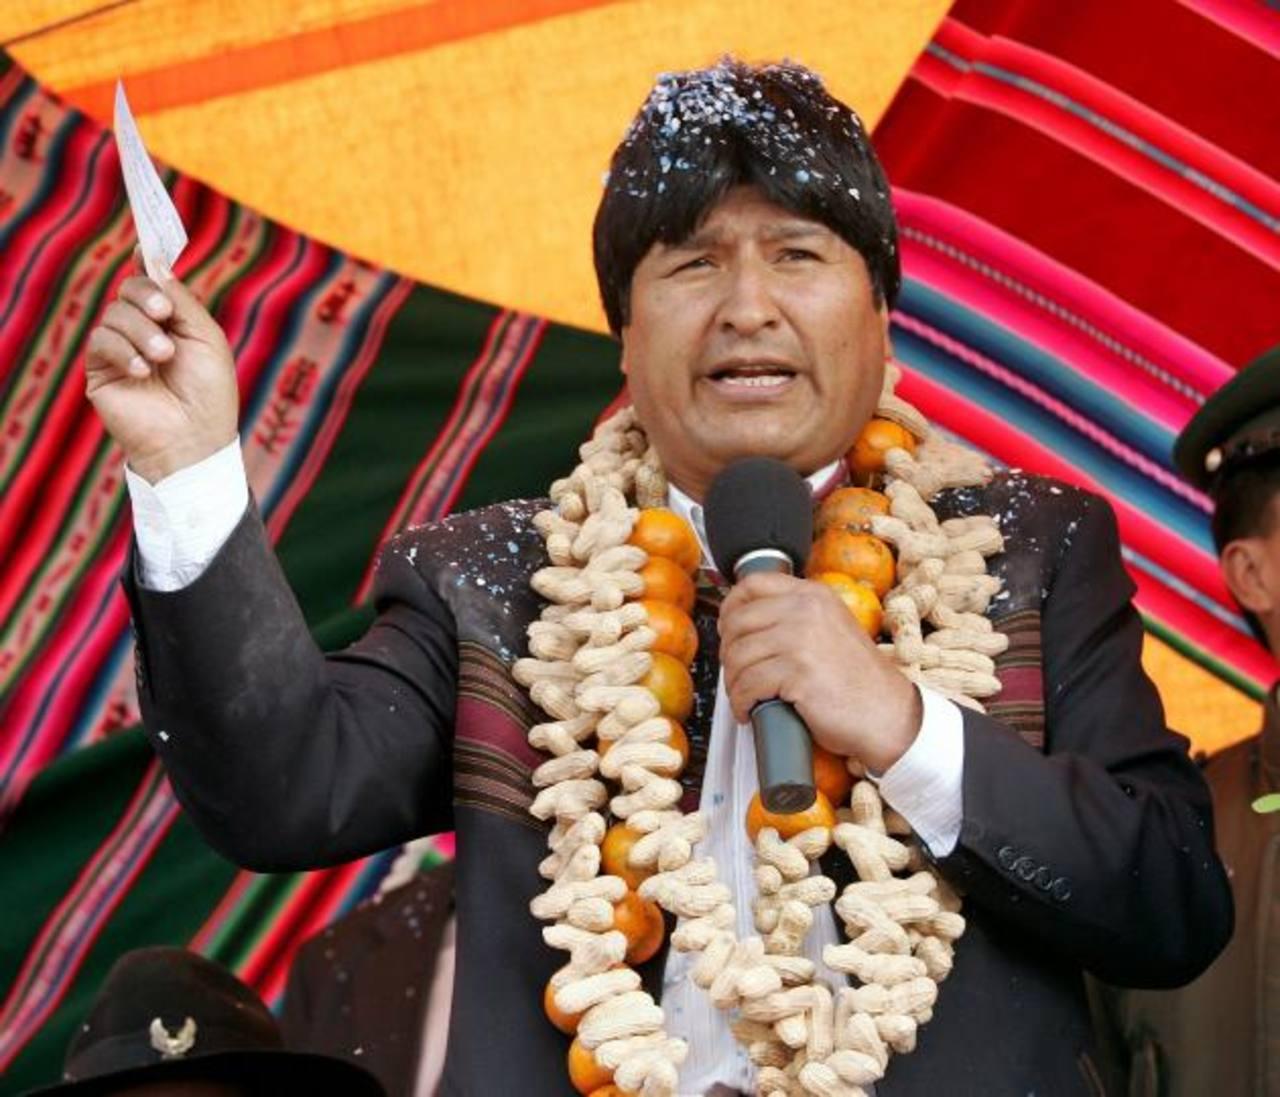 Human Right Watch ha pedido al gobernante de Bolivia, Evo Morales, que reforme alguna leyes. foto edh / internet